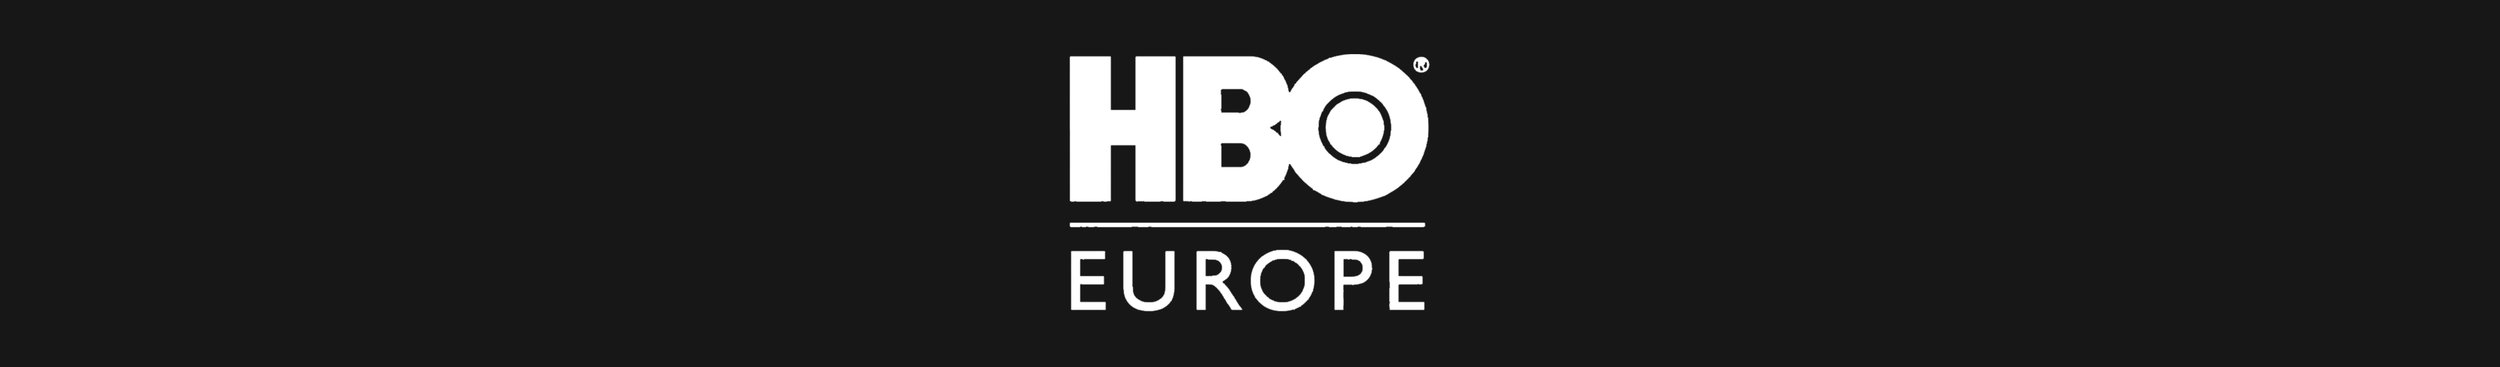 IntWebsite_Clients_White_HBOEurope.jpg